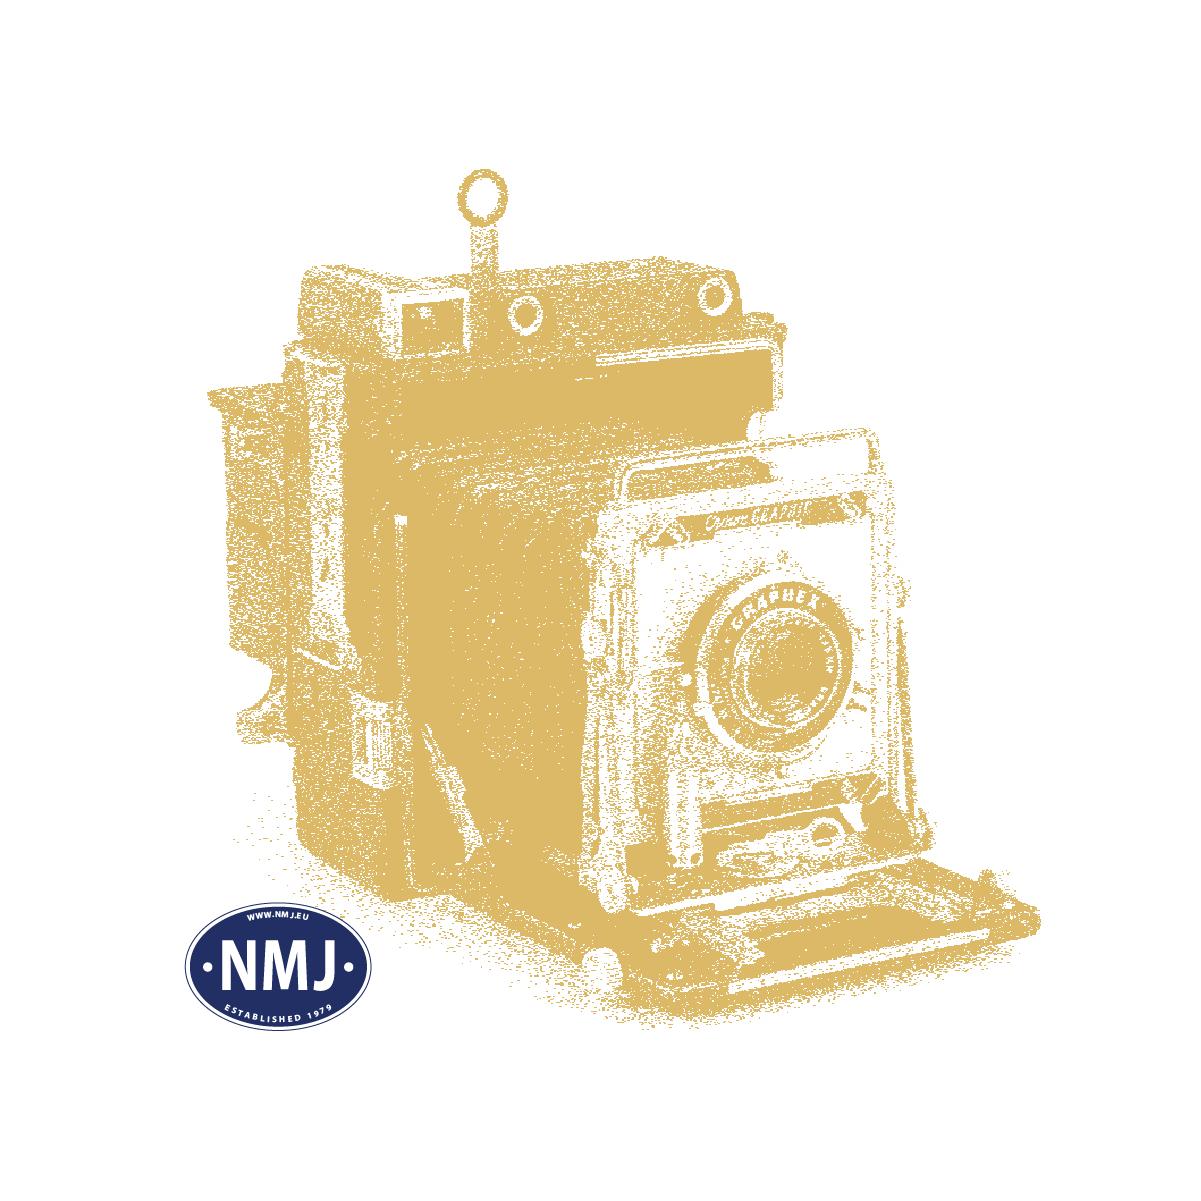 NMJT93002 - NMJ Topline SJ Y1 1275, Oransje, DCC m/ Lyd